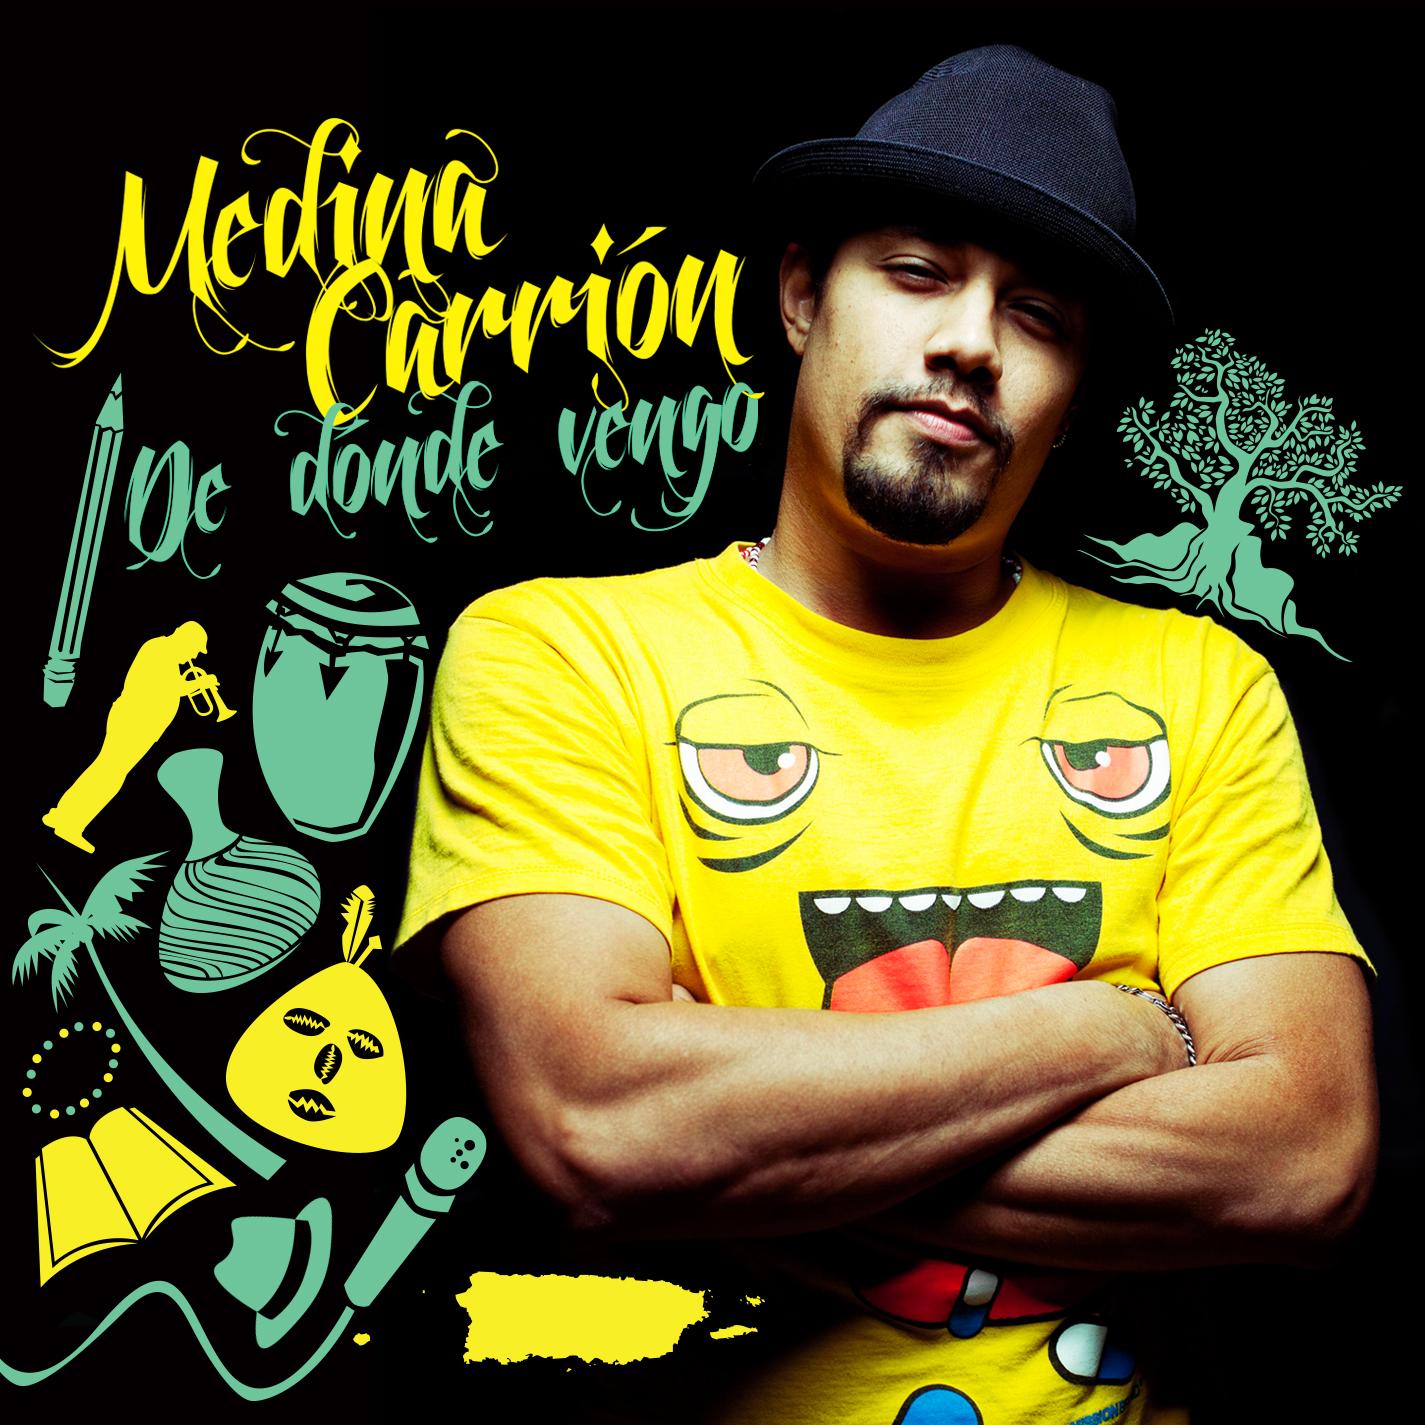 La carátula del nuevo disco de Medina Carrión cuenta con diseño del artista gráfico Beto Torrens y la fotografía de Luis Vidal. (Foto suministrada)